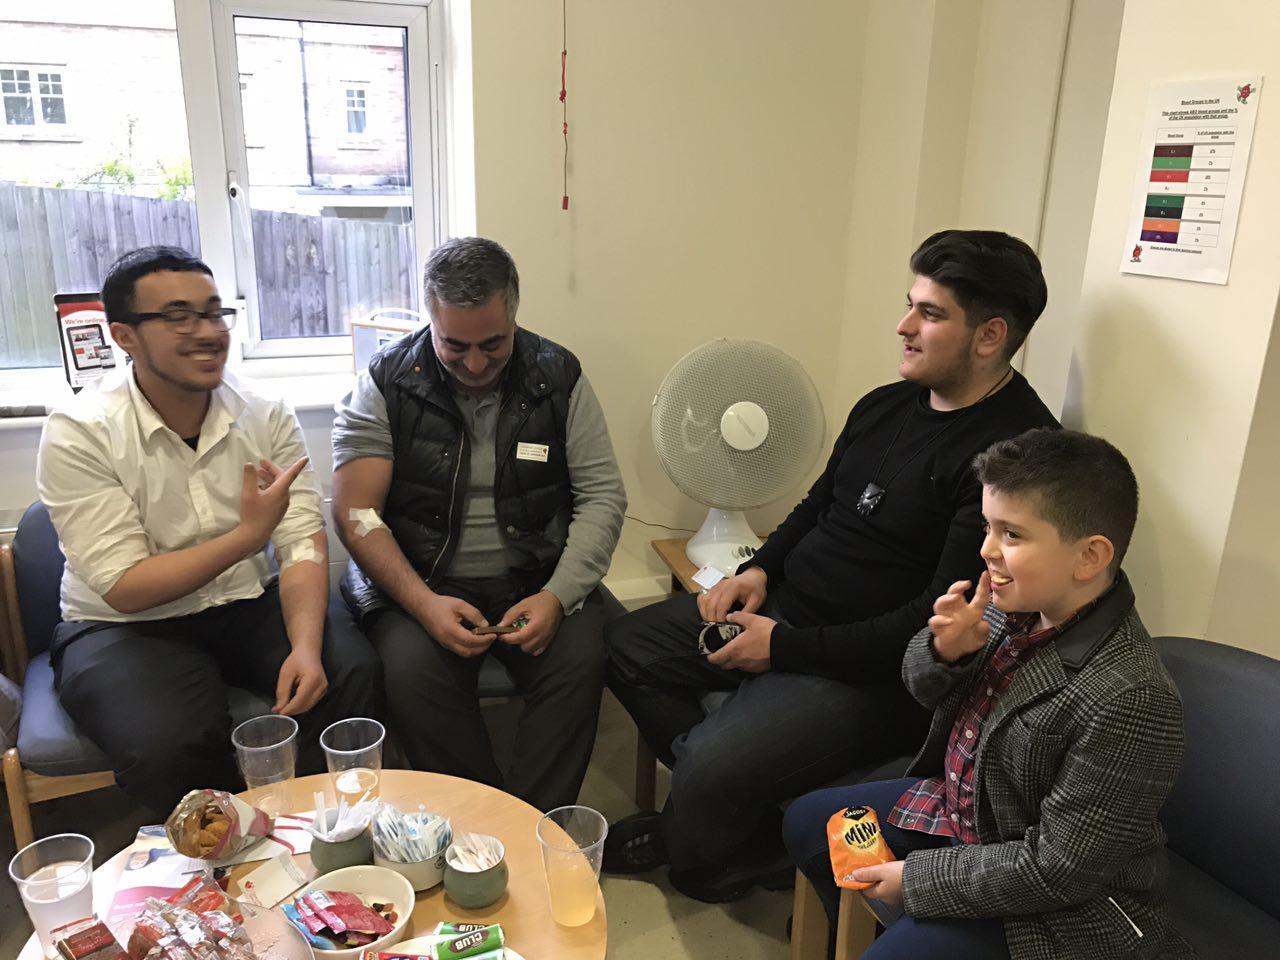 تصویر فعالیت جنبش مردمی اهدای خون در لندن به مناسبت ايام ولادت امام حسين عليه السلام